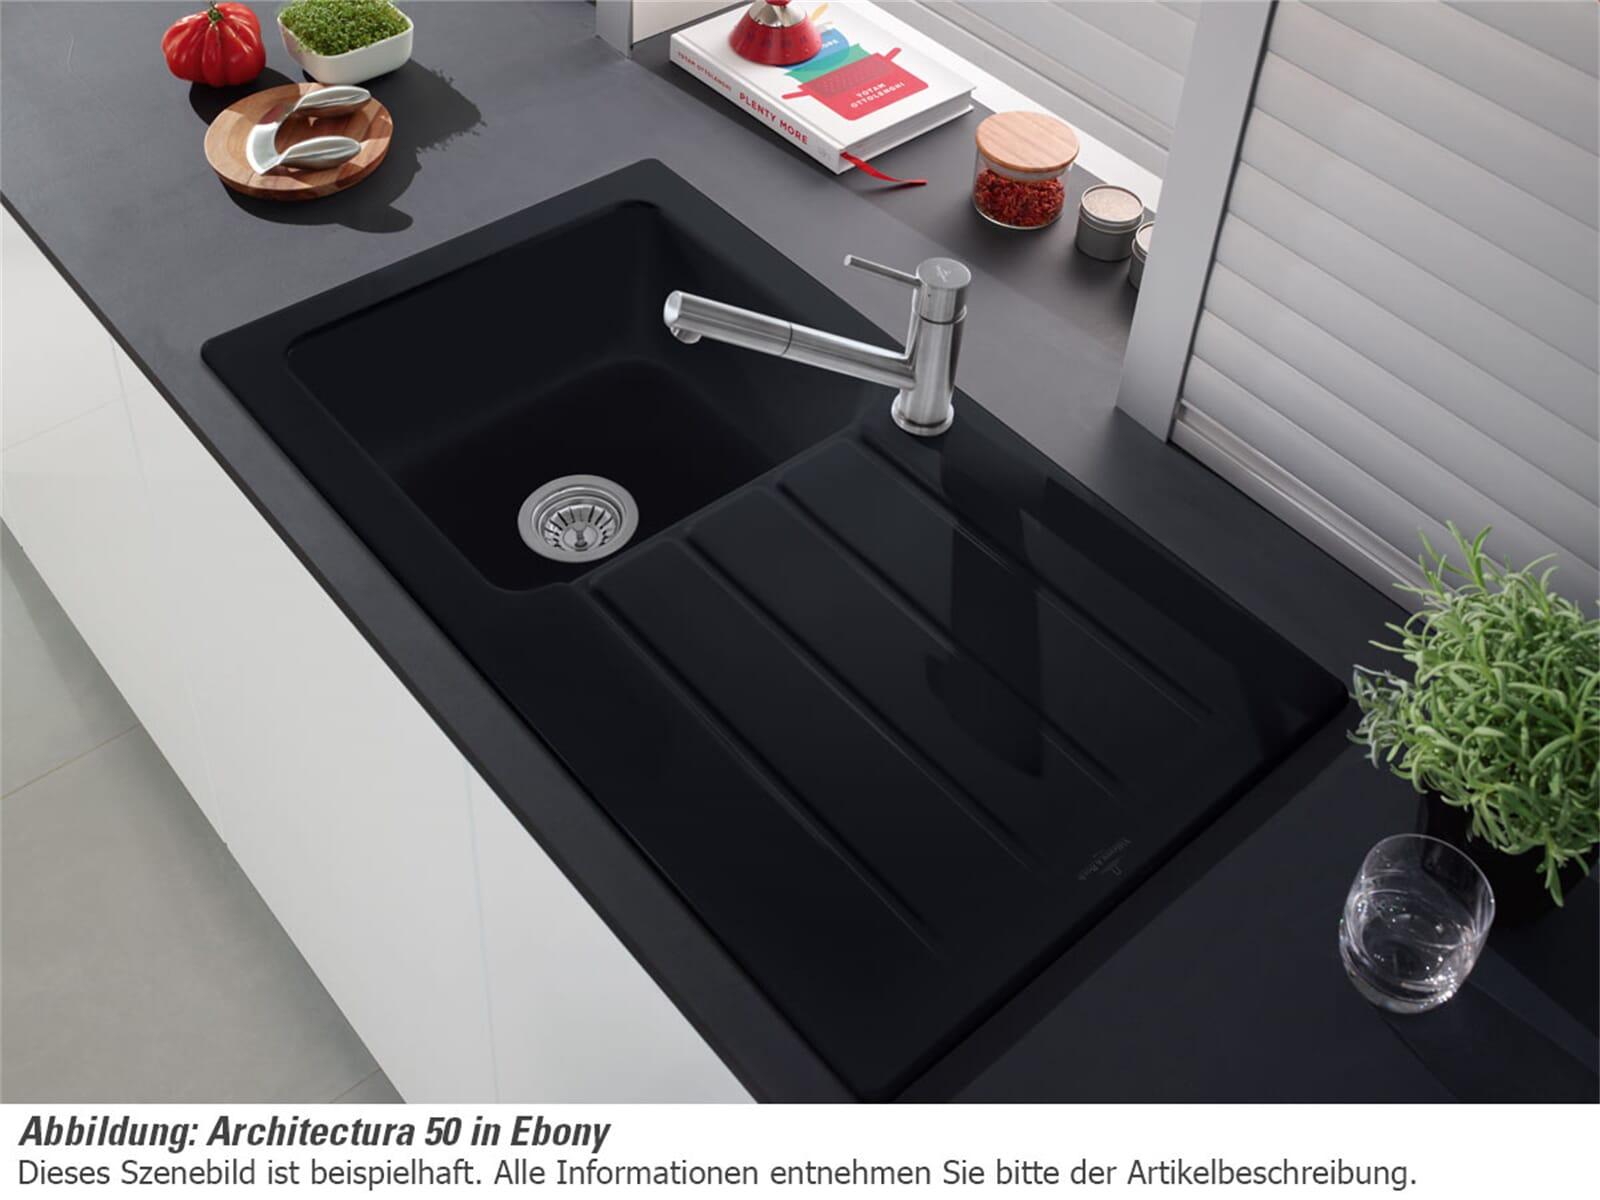 Villeroy & Boch Architectura 50 - 3350 01 SL Stone Keramikspüle Handbetätigung